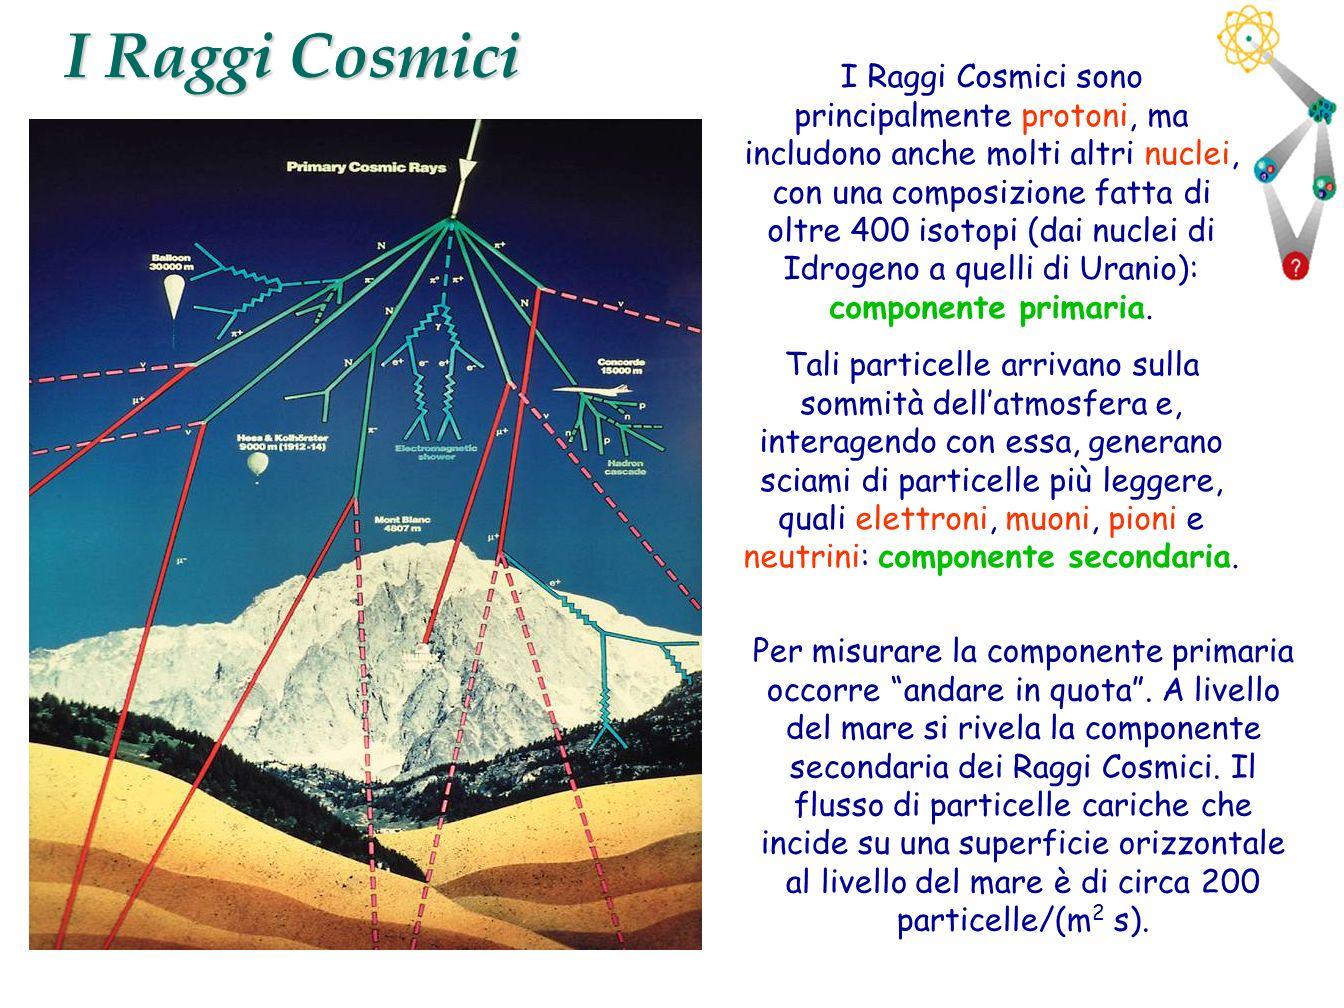 3 I Raggi Cosmici I Raggi Cosmici sono principalmente protoni, ma includono anche molti altri nuclei, con una composizione fatta di oltre 400 isotopi